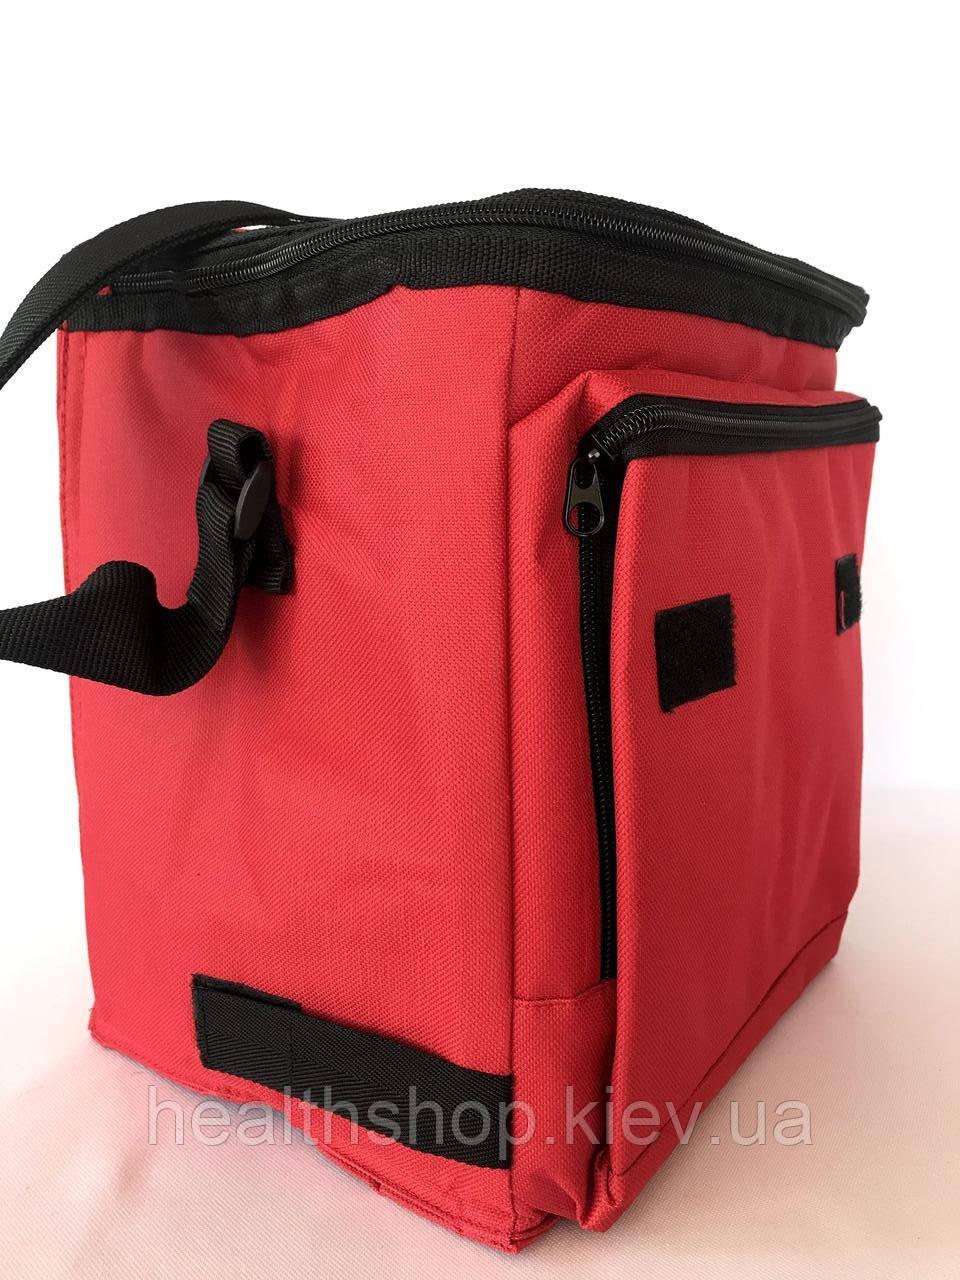 Ізотермічна сумка. (сумка-холодильник) червона